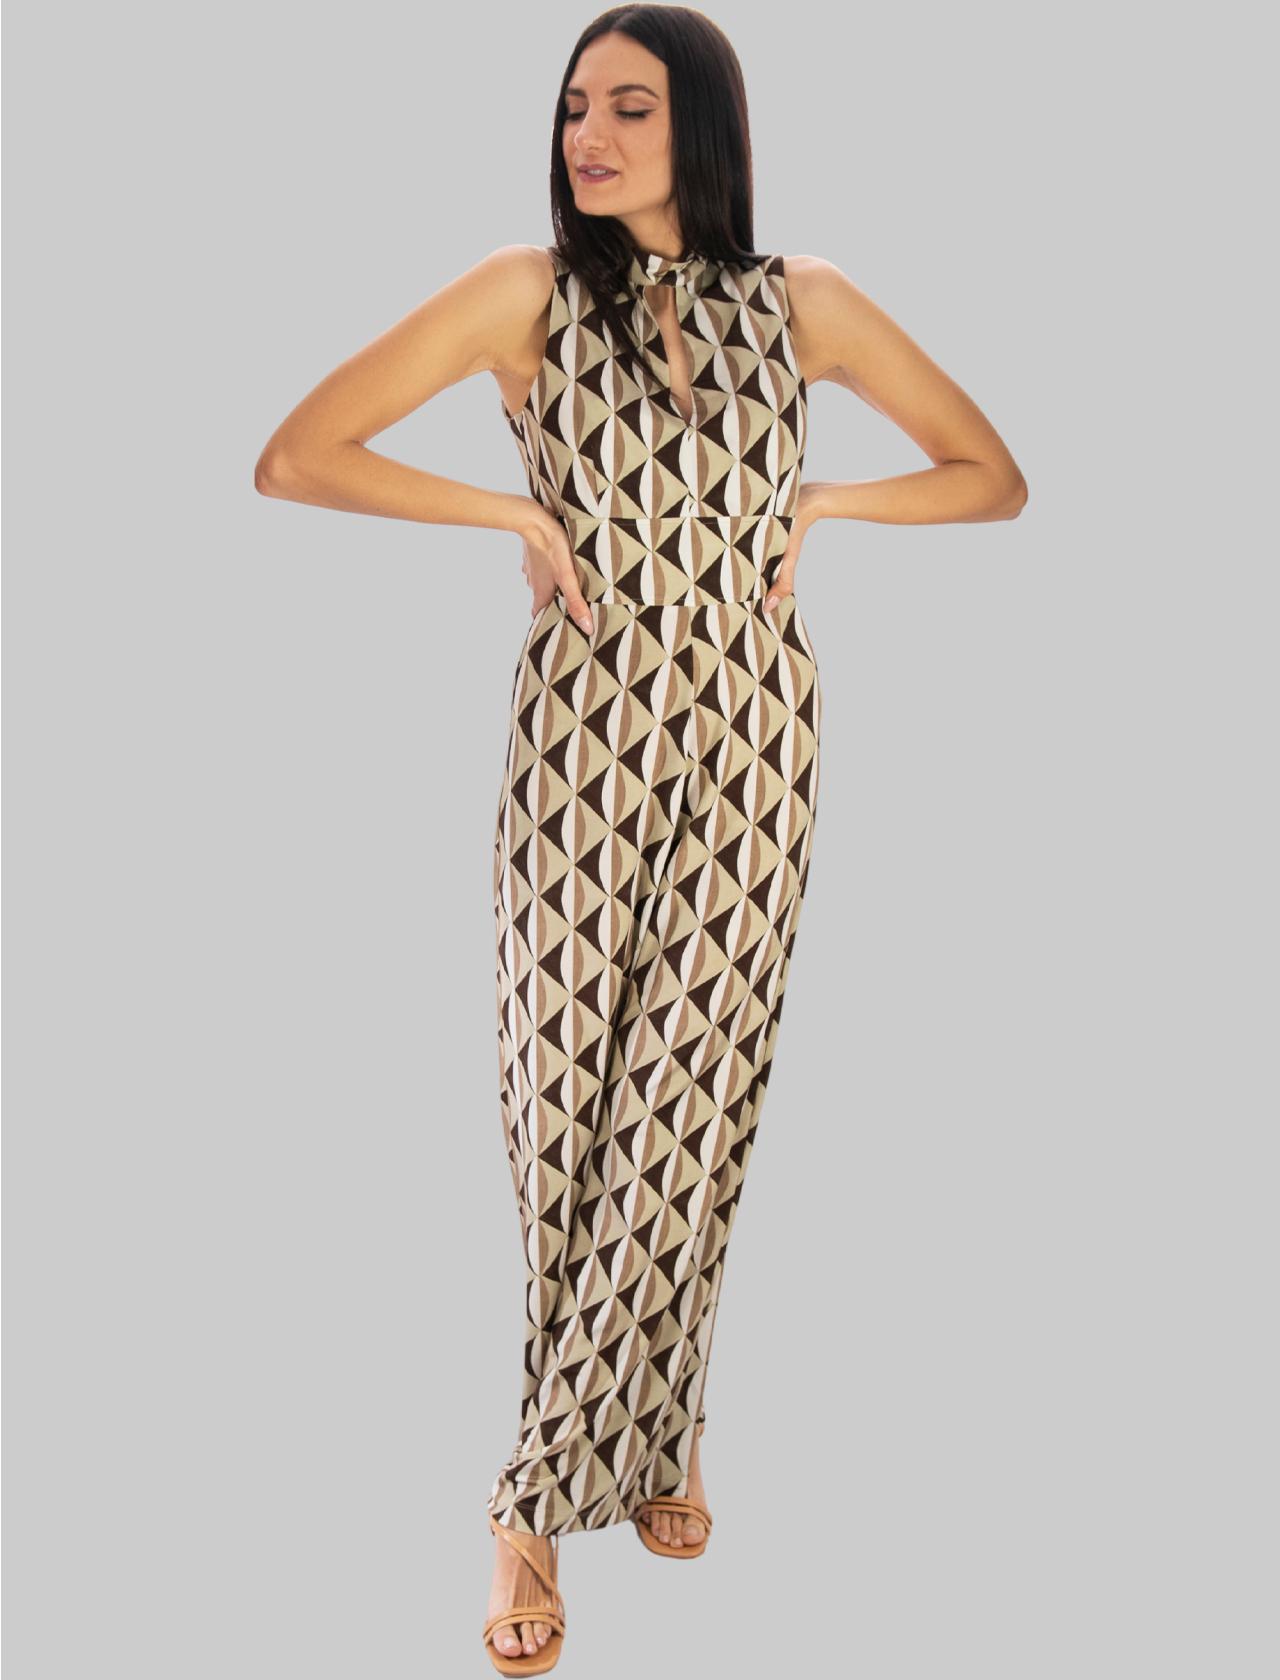 Abbigliamento Donna Tuta Lunga e Ampia in Jersey Symmetria a Fantasia Beige Maliparmi | Abiti | JU001670496B1239